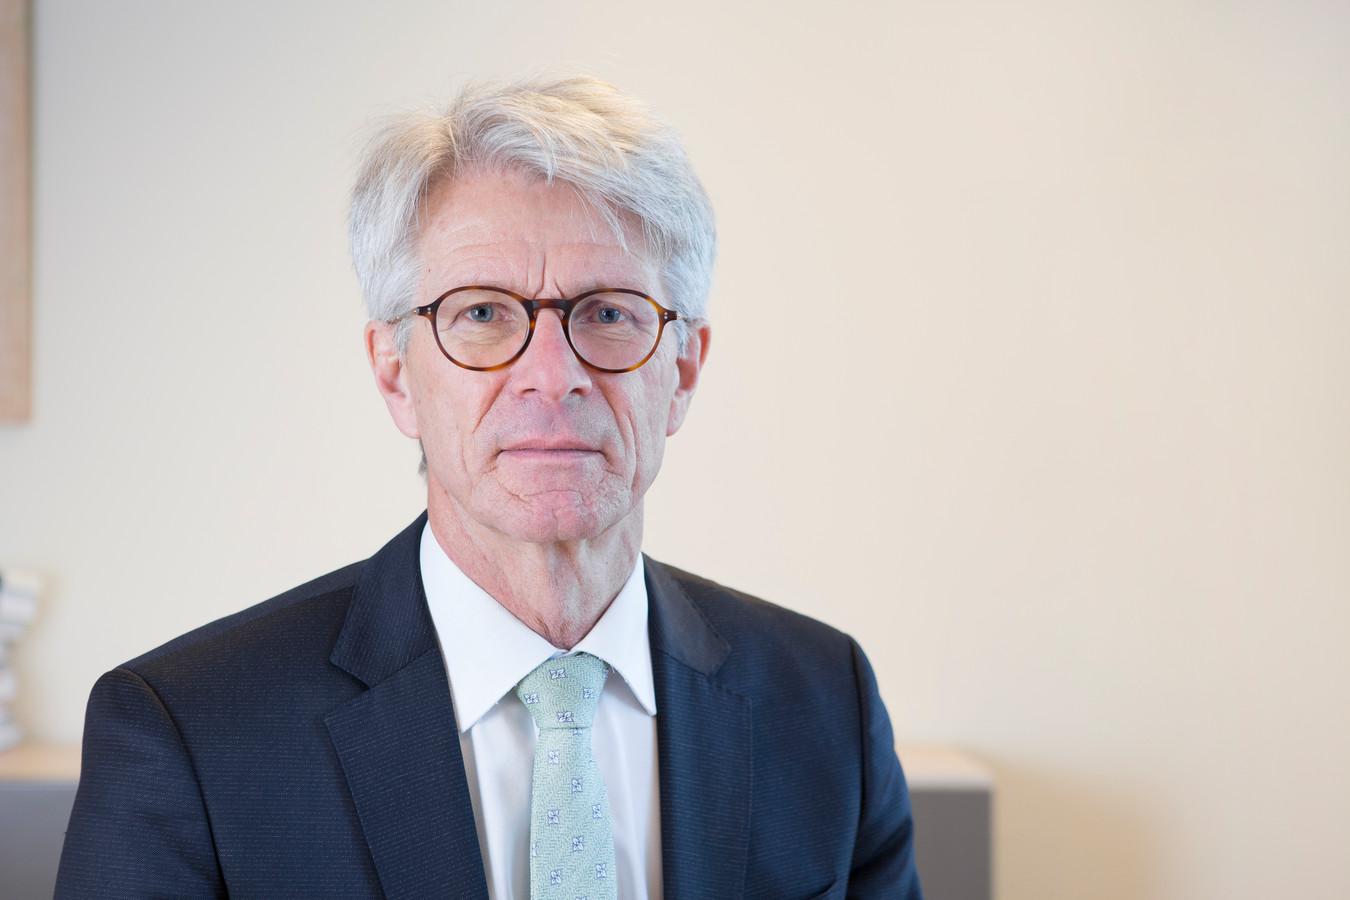 Rob Dillmann, bestuurder van het Isala-ziekenhuis in Zwolle.